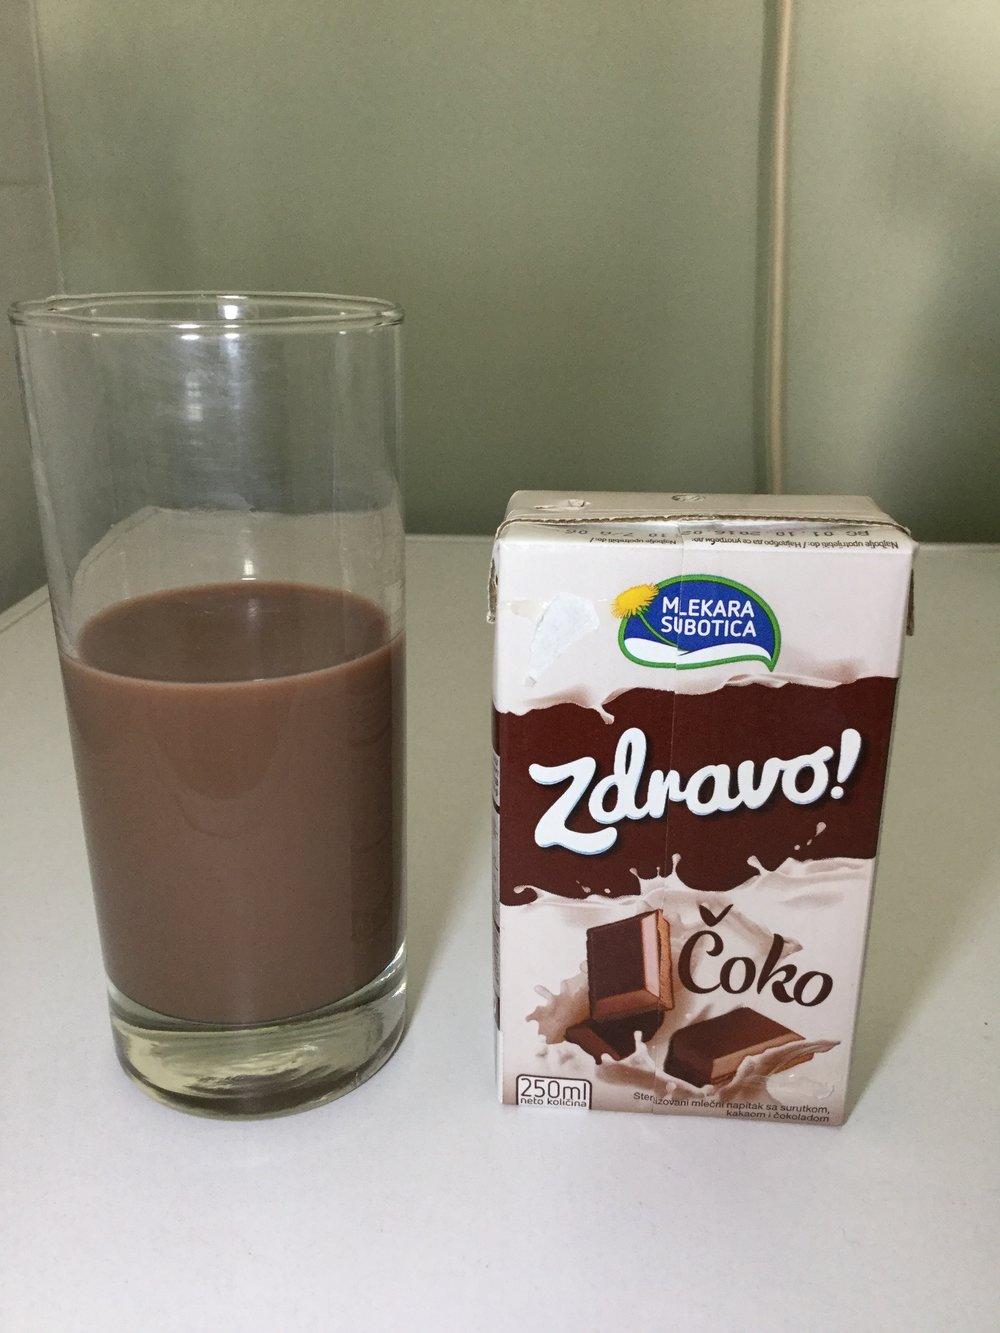 Mlekara Subotica Zdravo! Čoko Cup